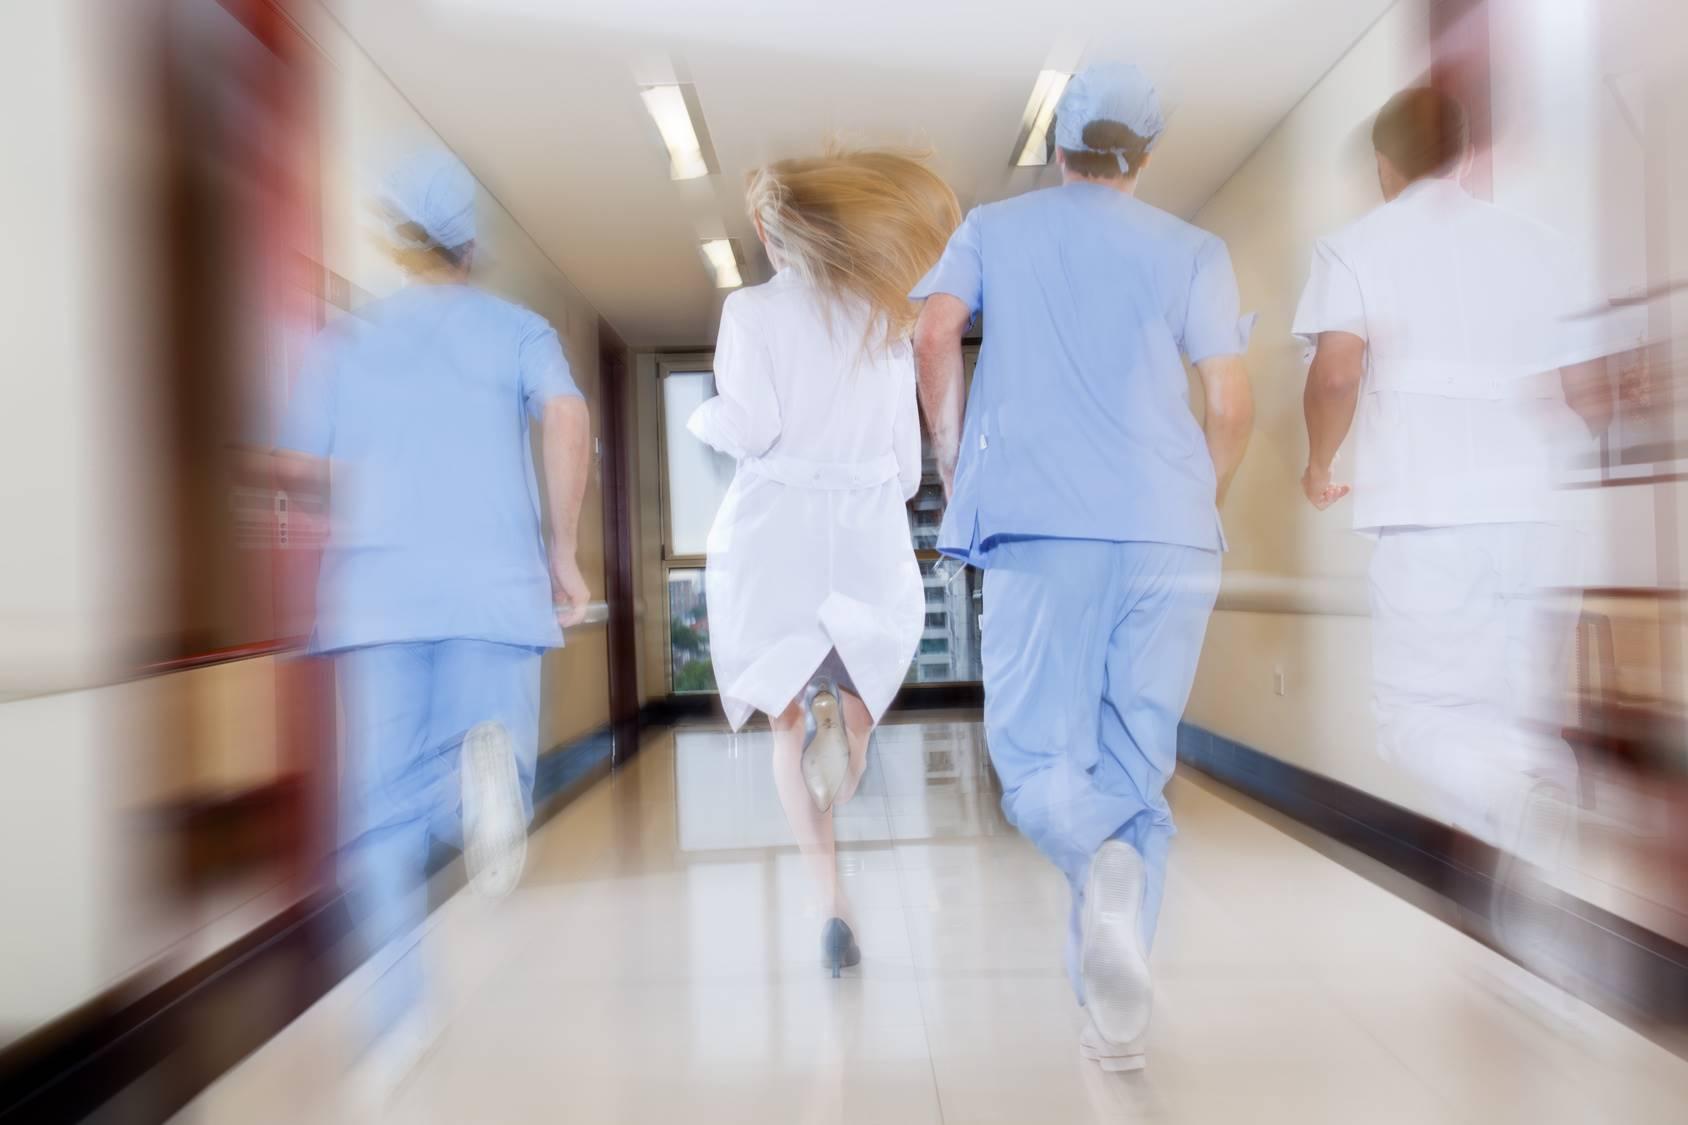 [VAGA2018] – Hospital abre diversas vagas de empregos em Salvador